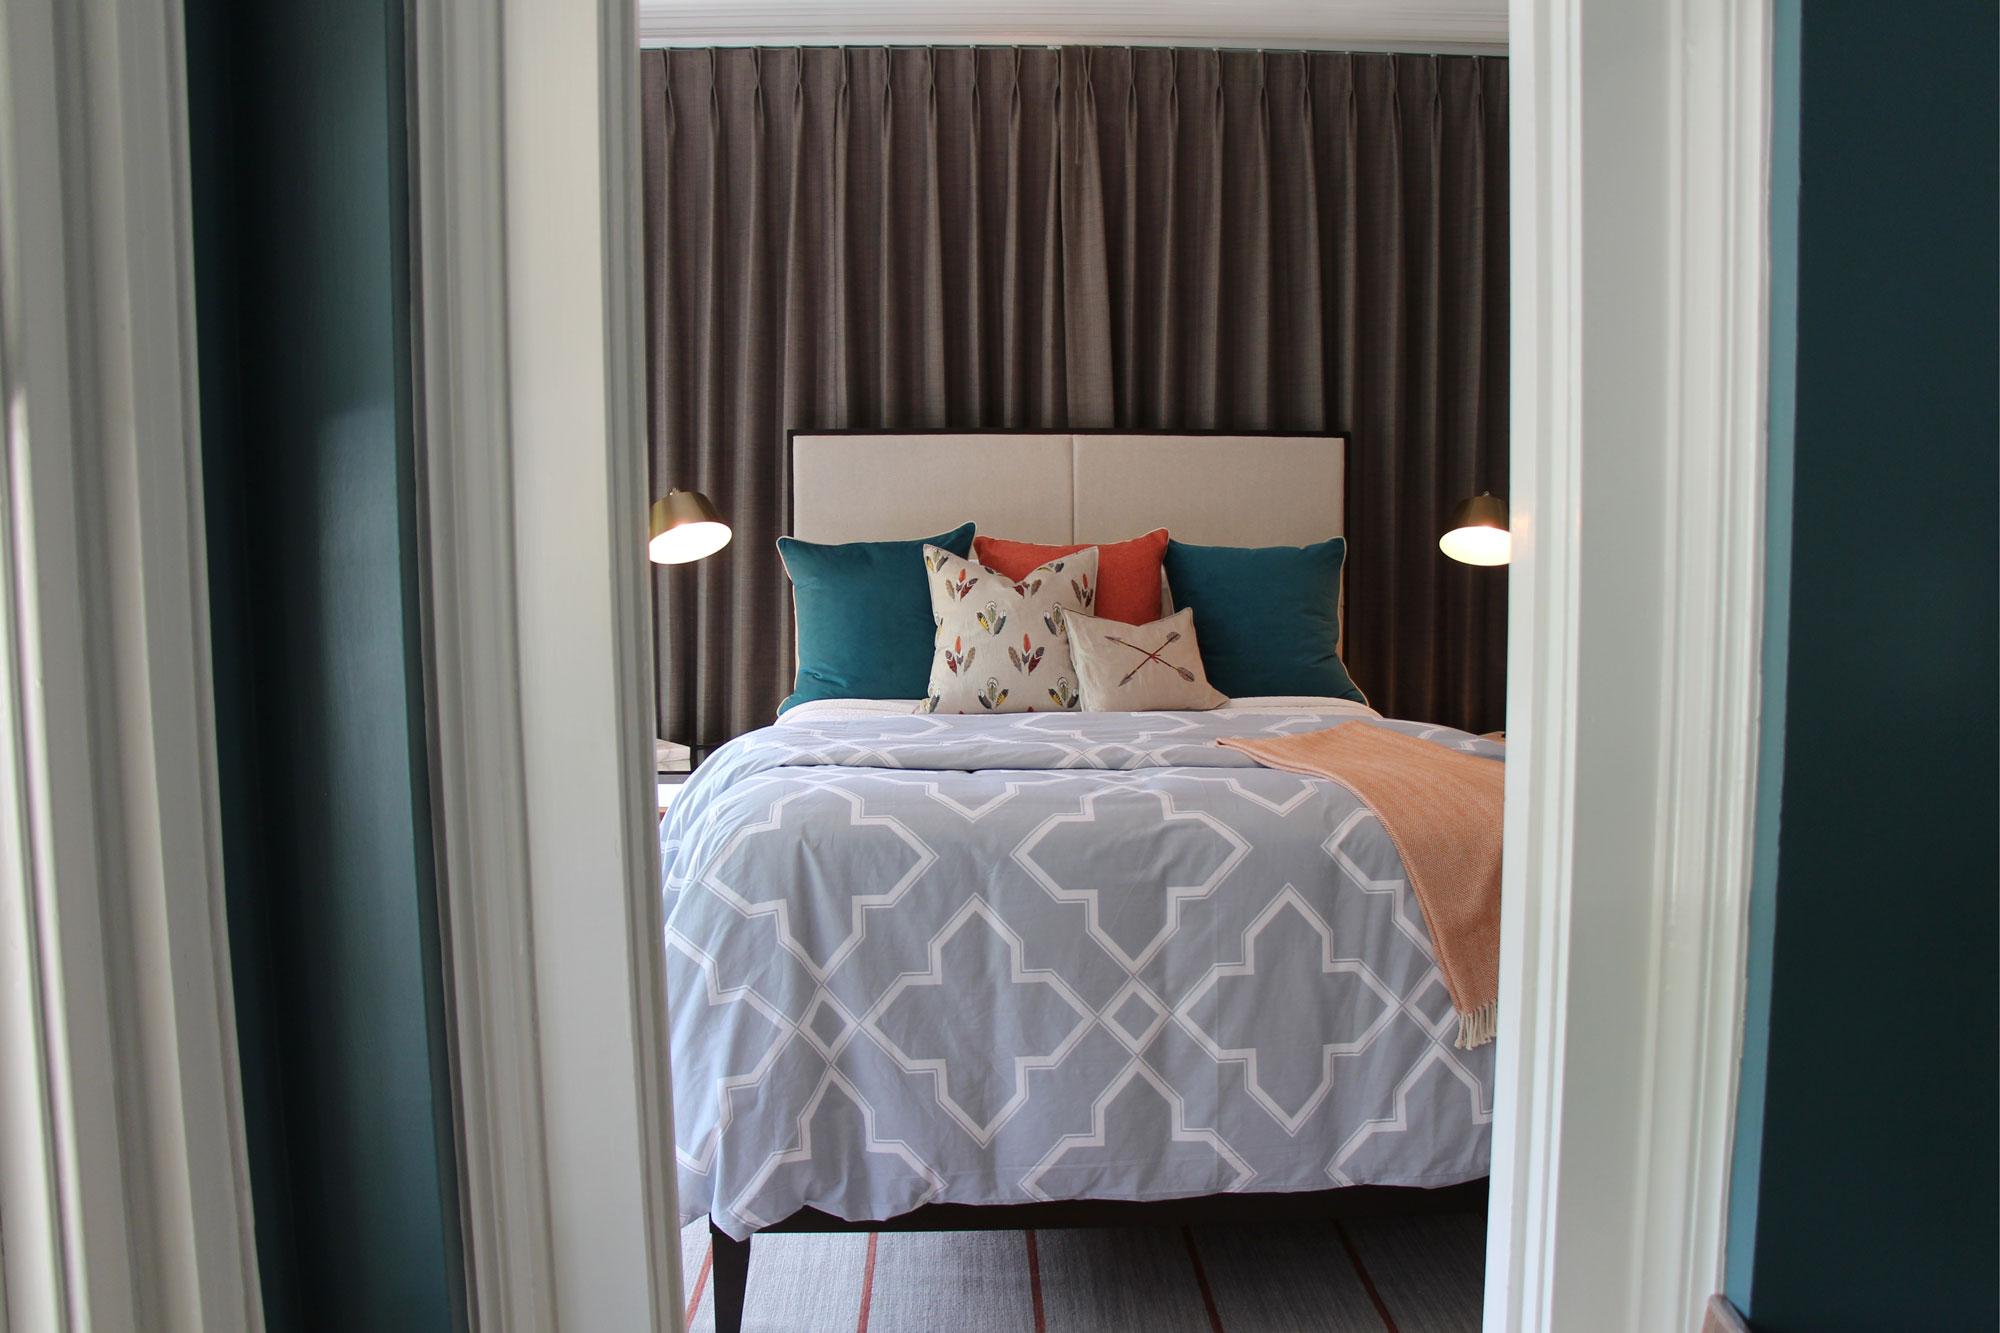 Liz-Light-Interiors-Bedroom-12.jpg